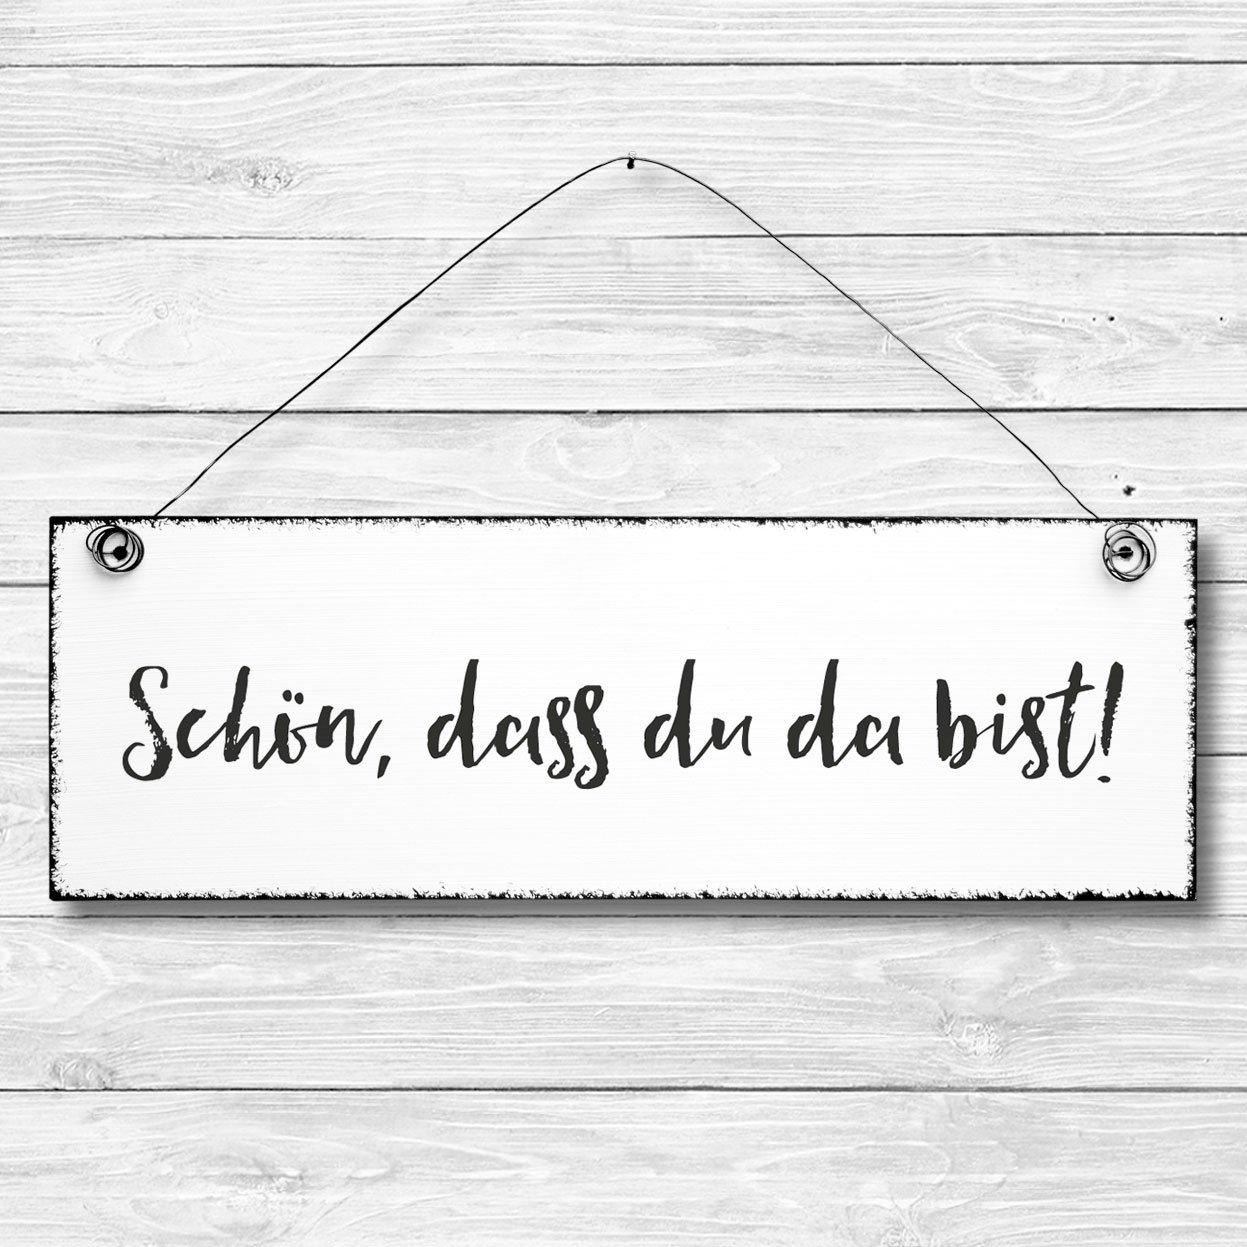 dass du da bist Holzbild Deko Schild Dekoschild T/ürschild Wandschild aus Holz 10x30cm Sch/ön